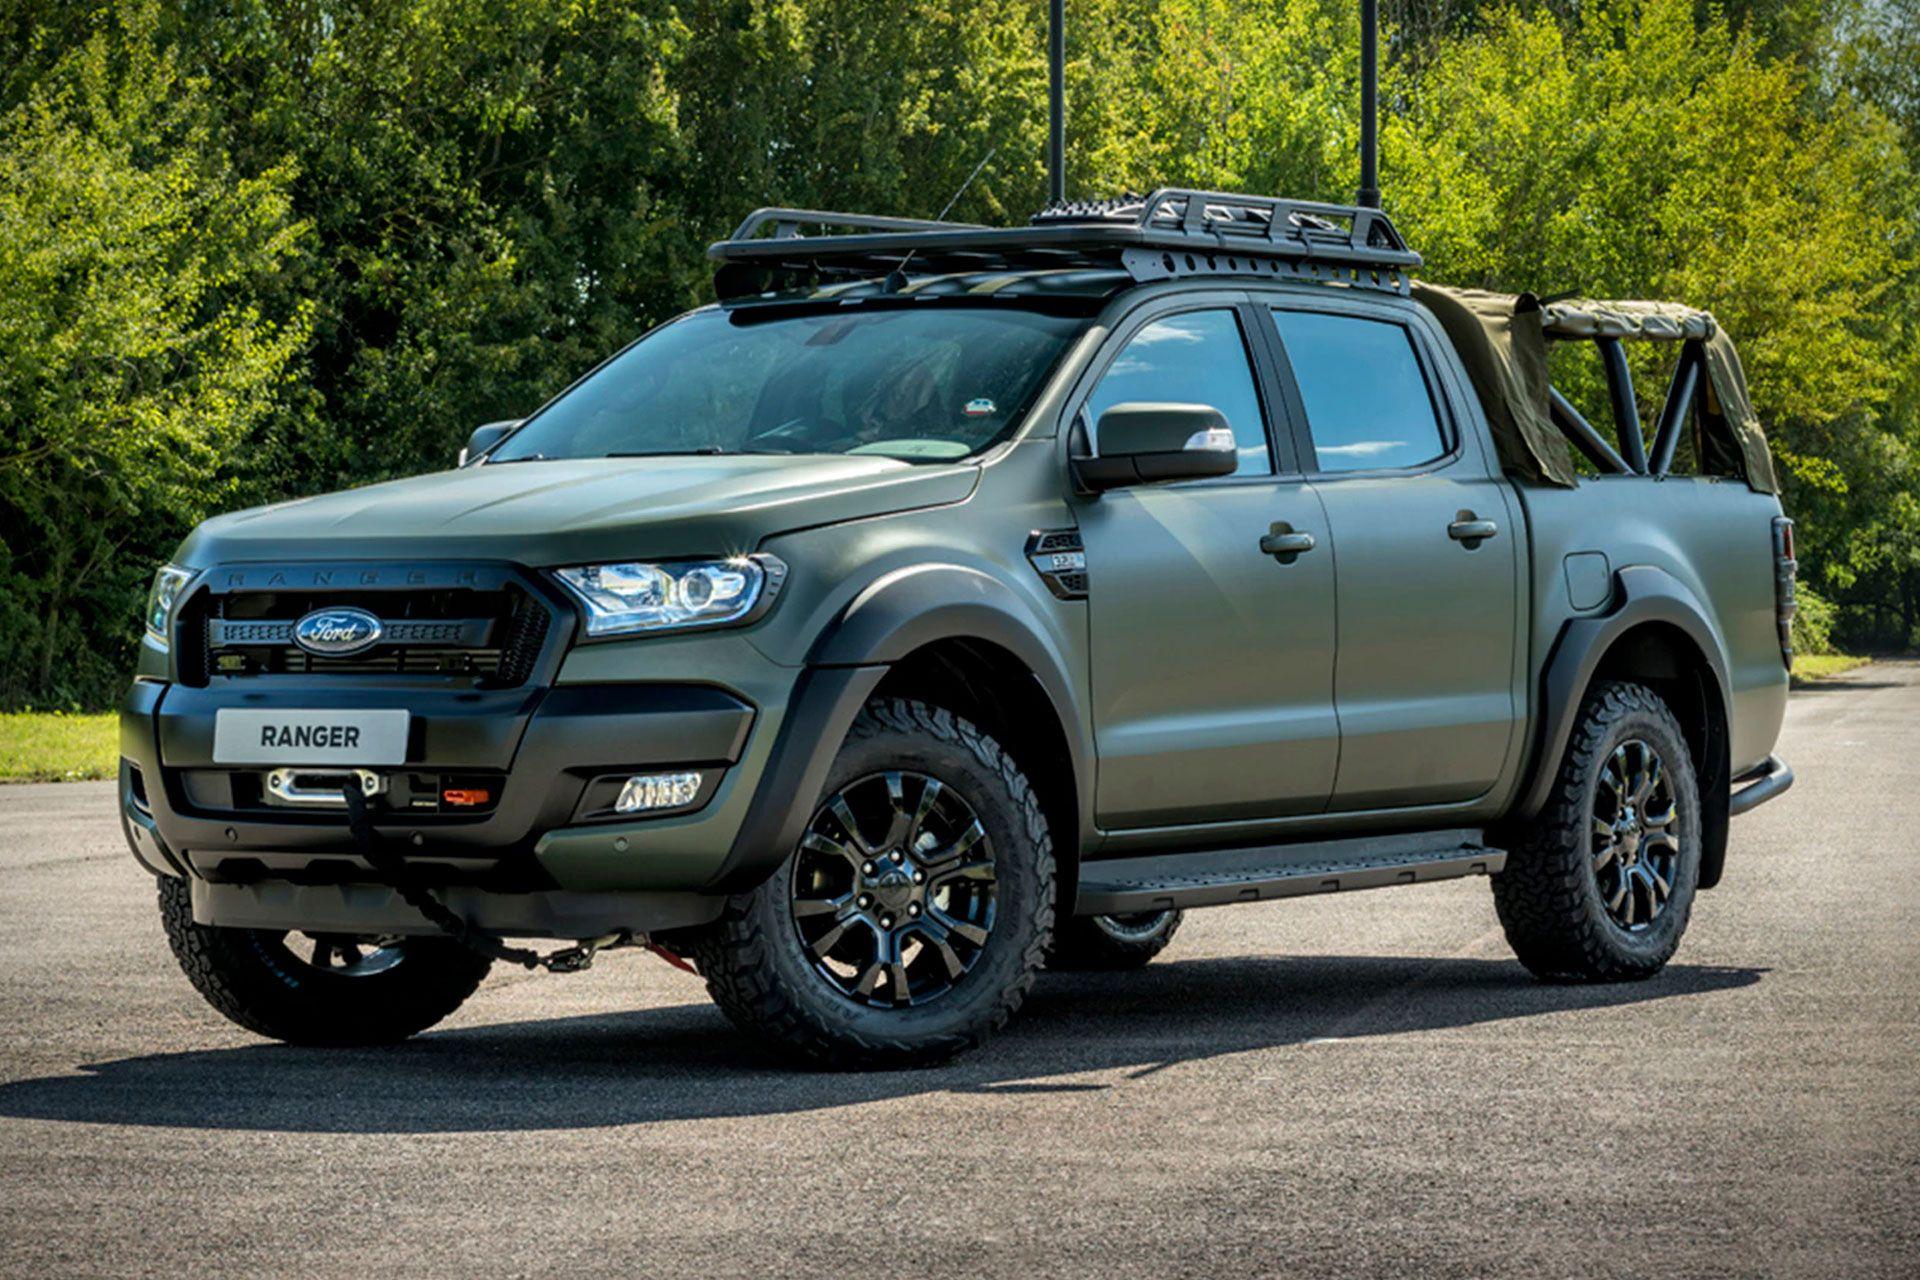 Ricardo Militarized Ford Ranger Truck Ford Ranger Truck Ranger